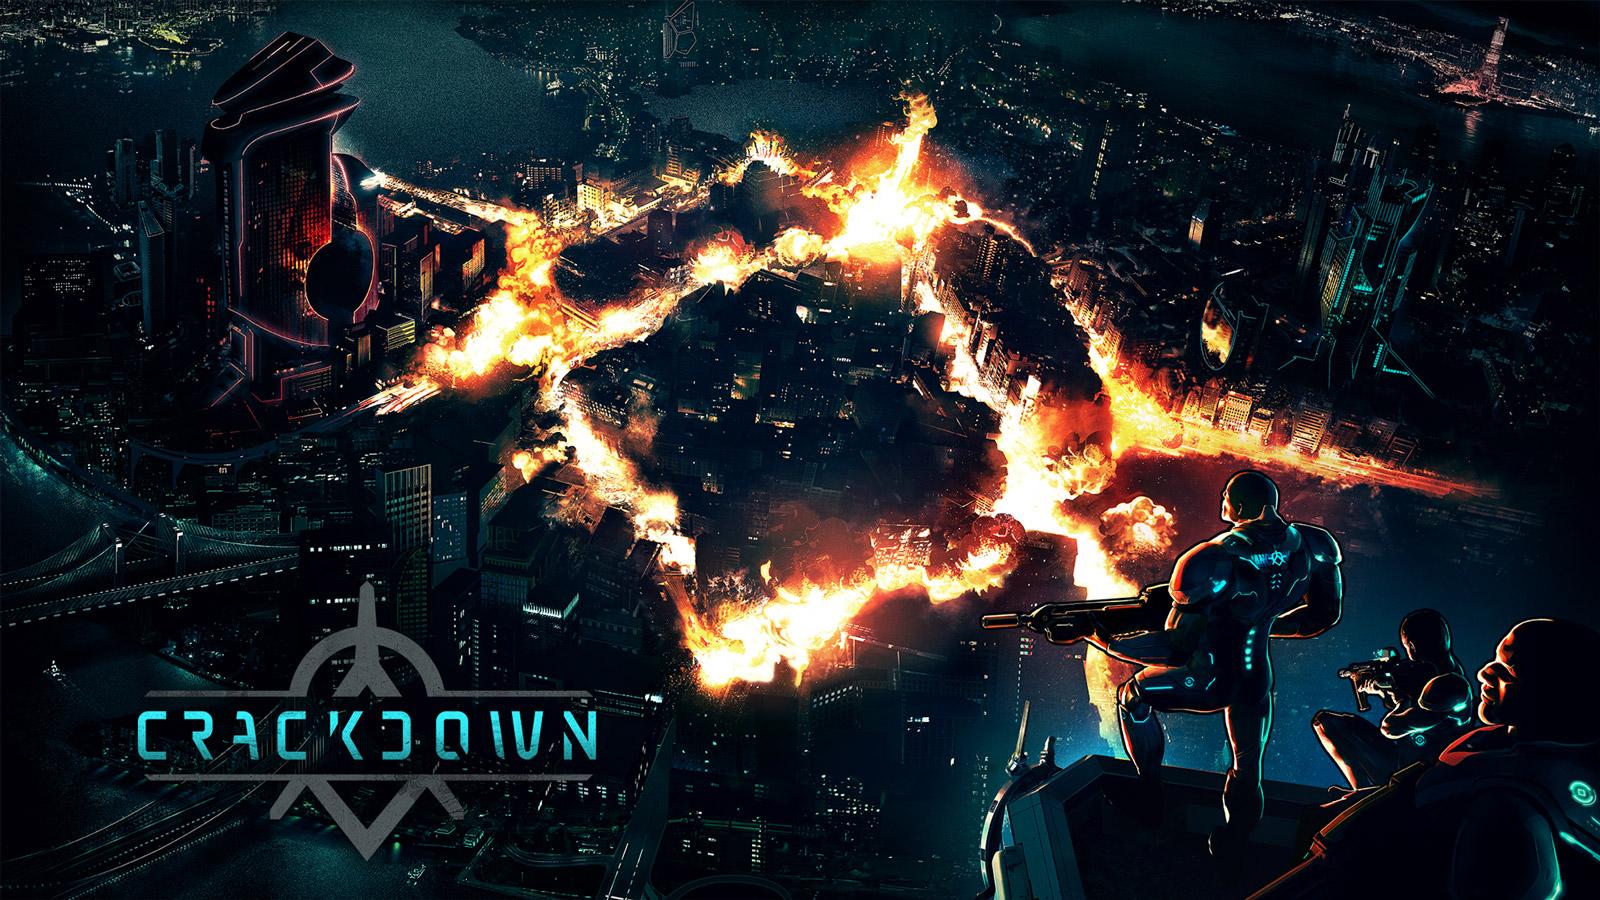 Crackdown 3 Wallpaper in 1600x900